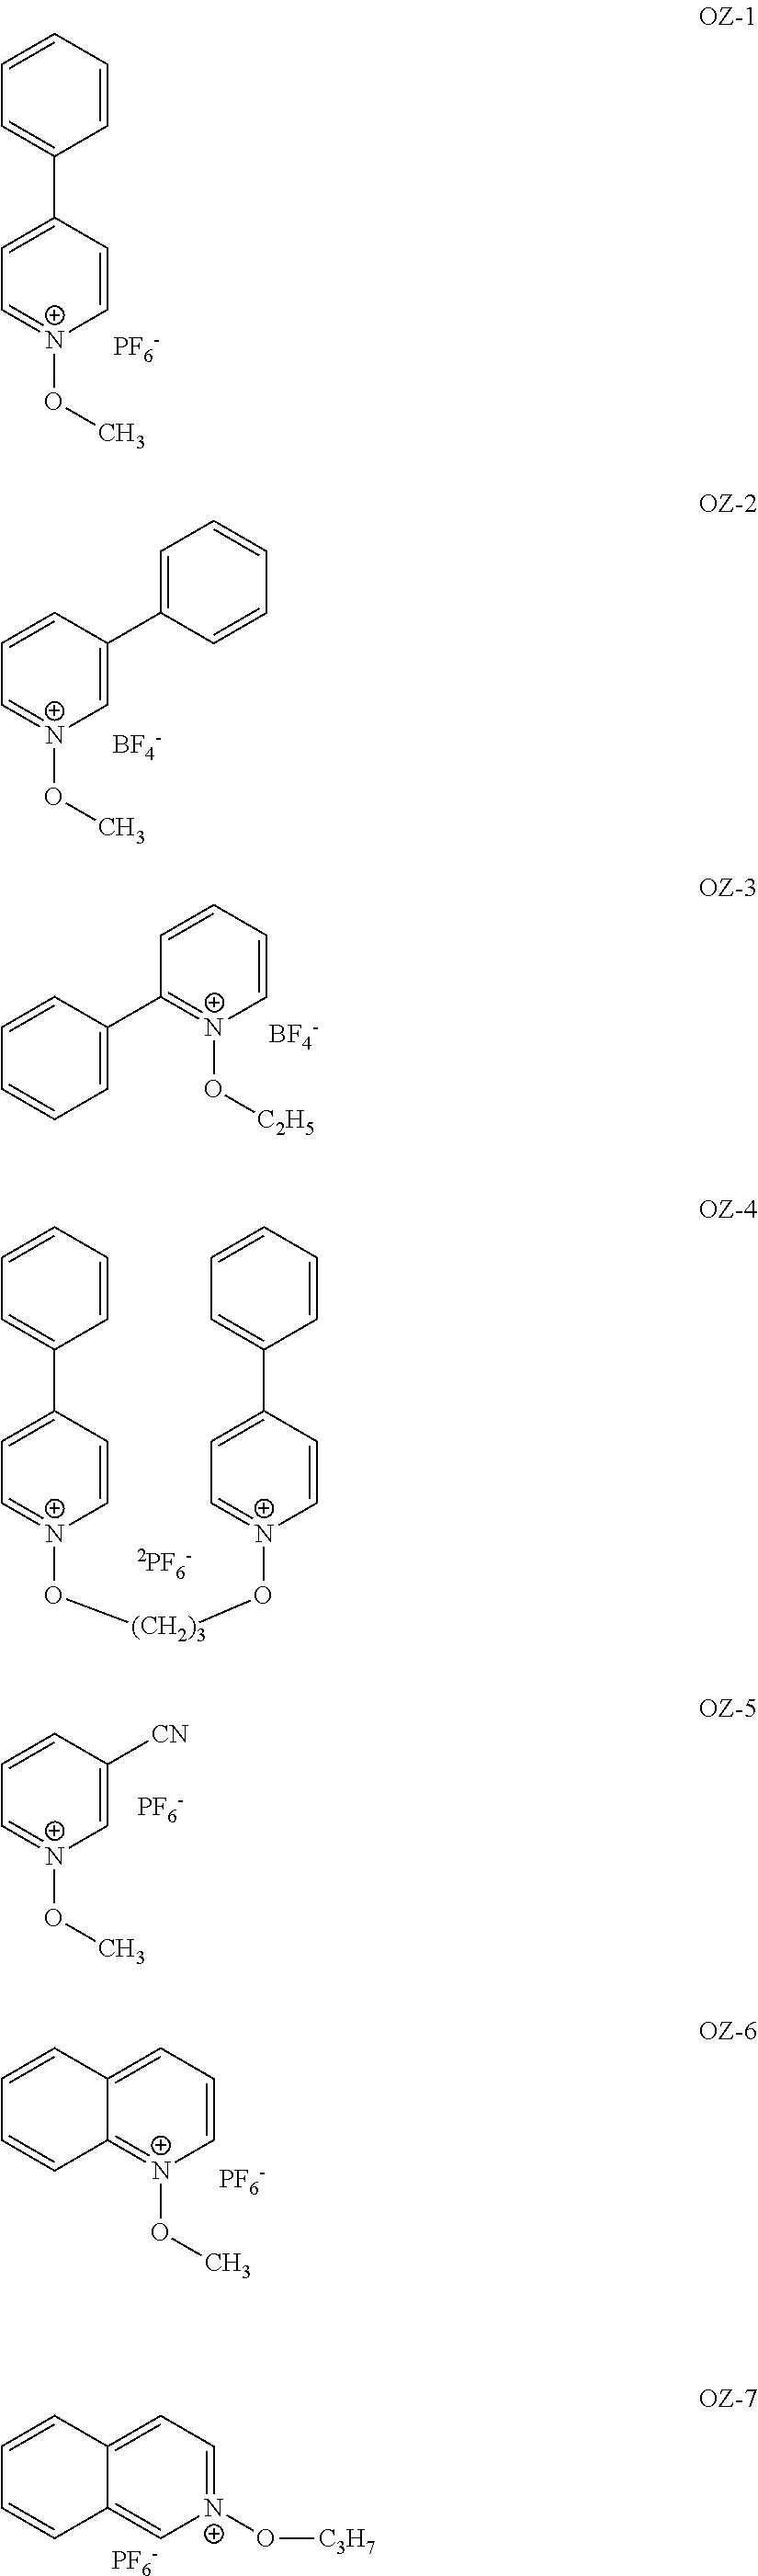 Figure US08399533-20130319-C00041